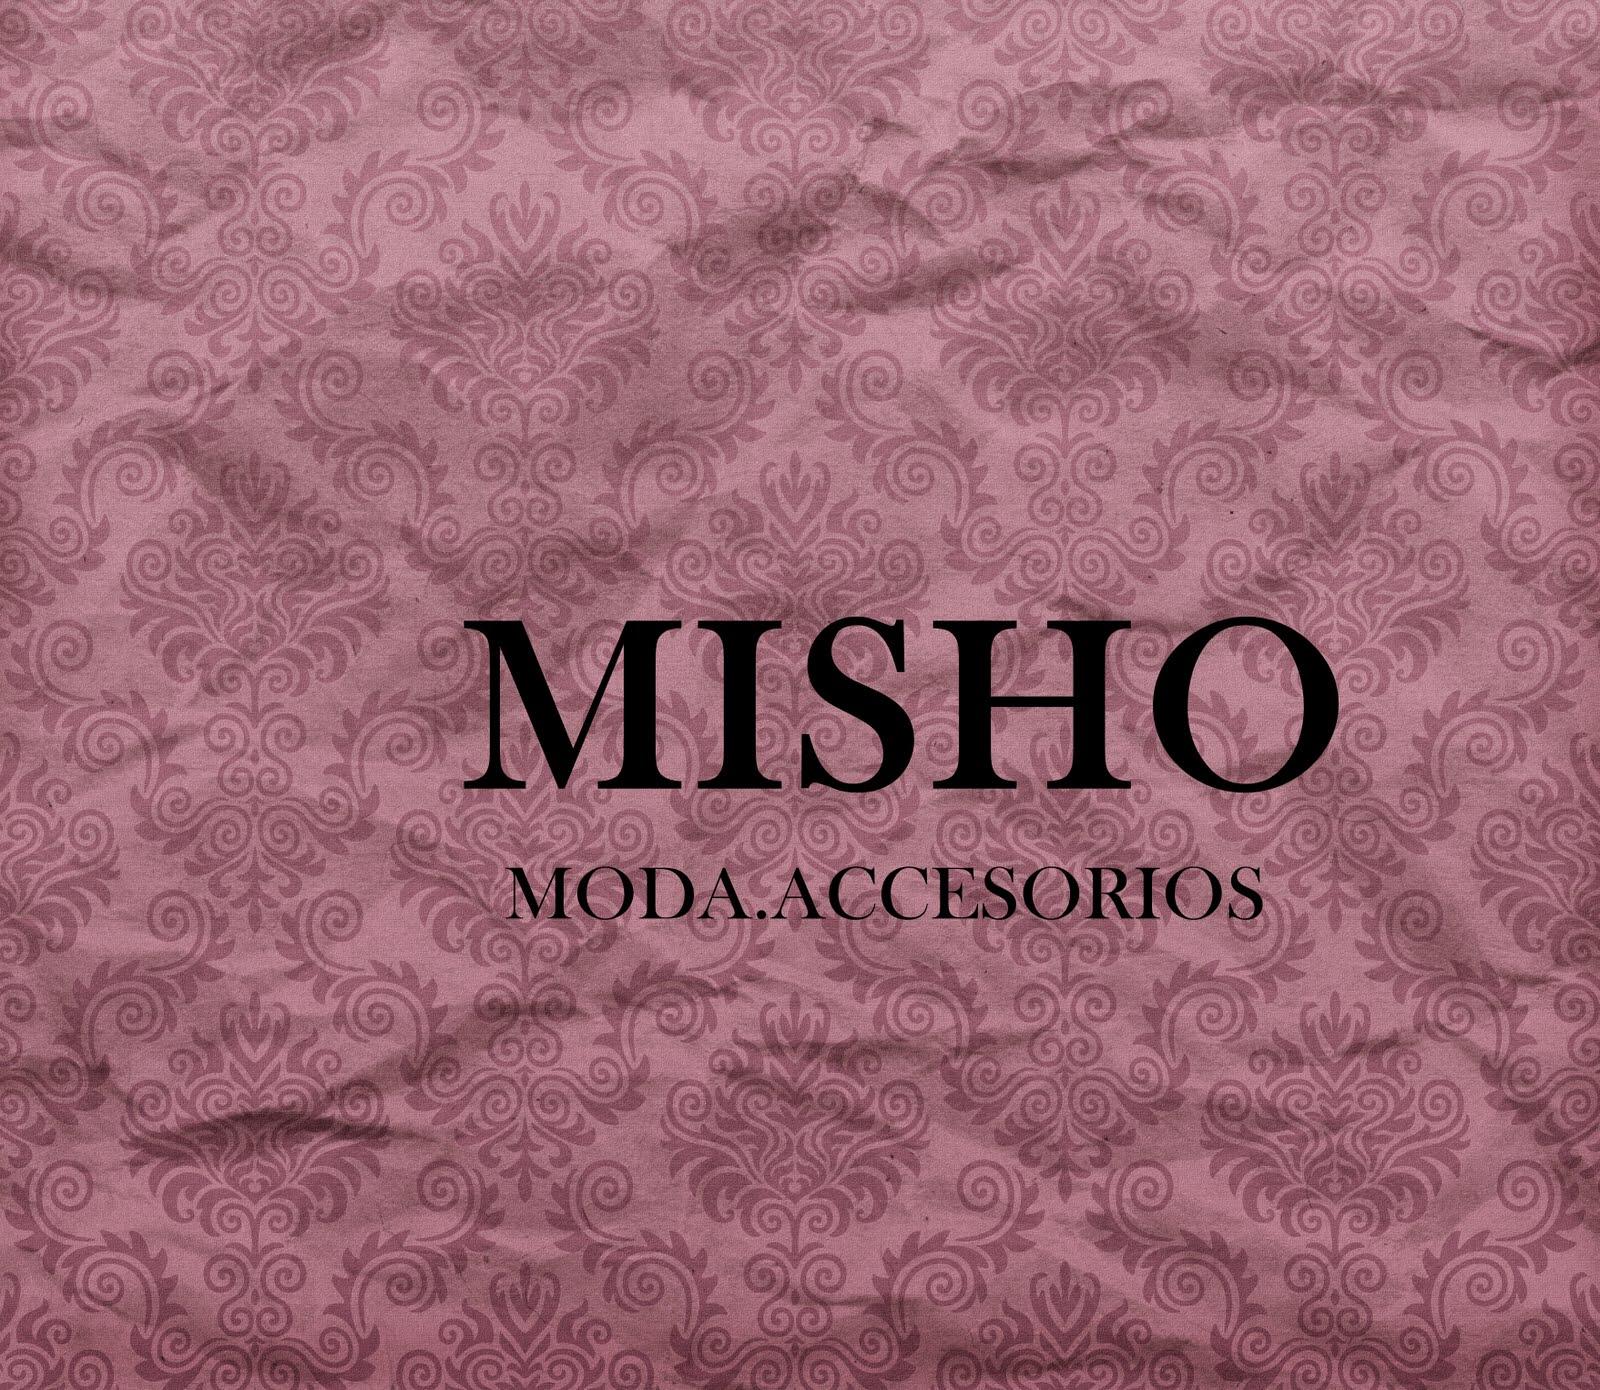 MISHO.ACCESORIOS